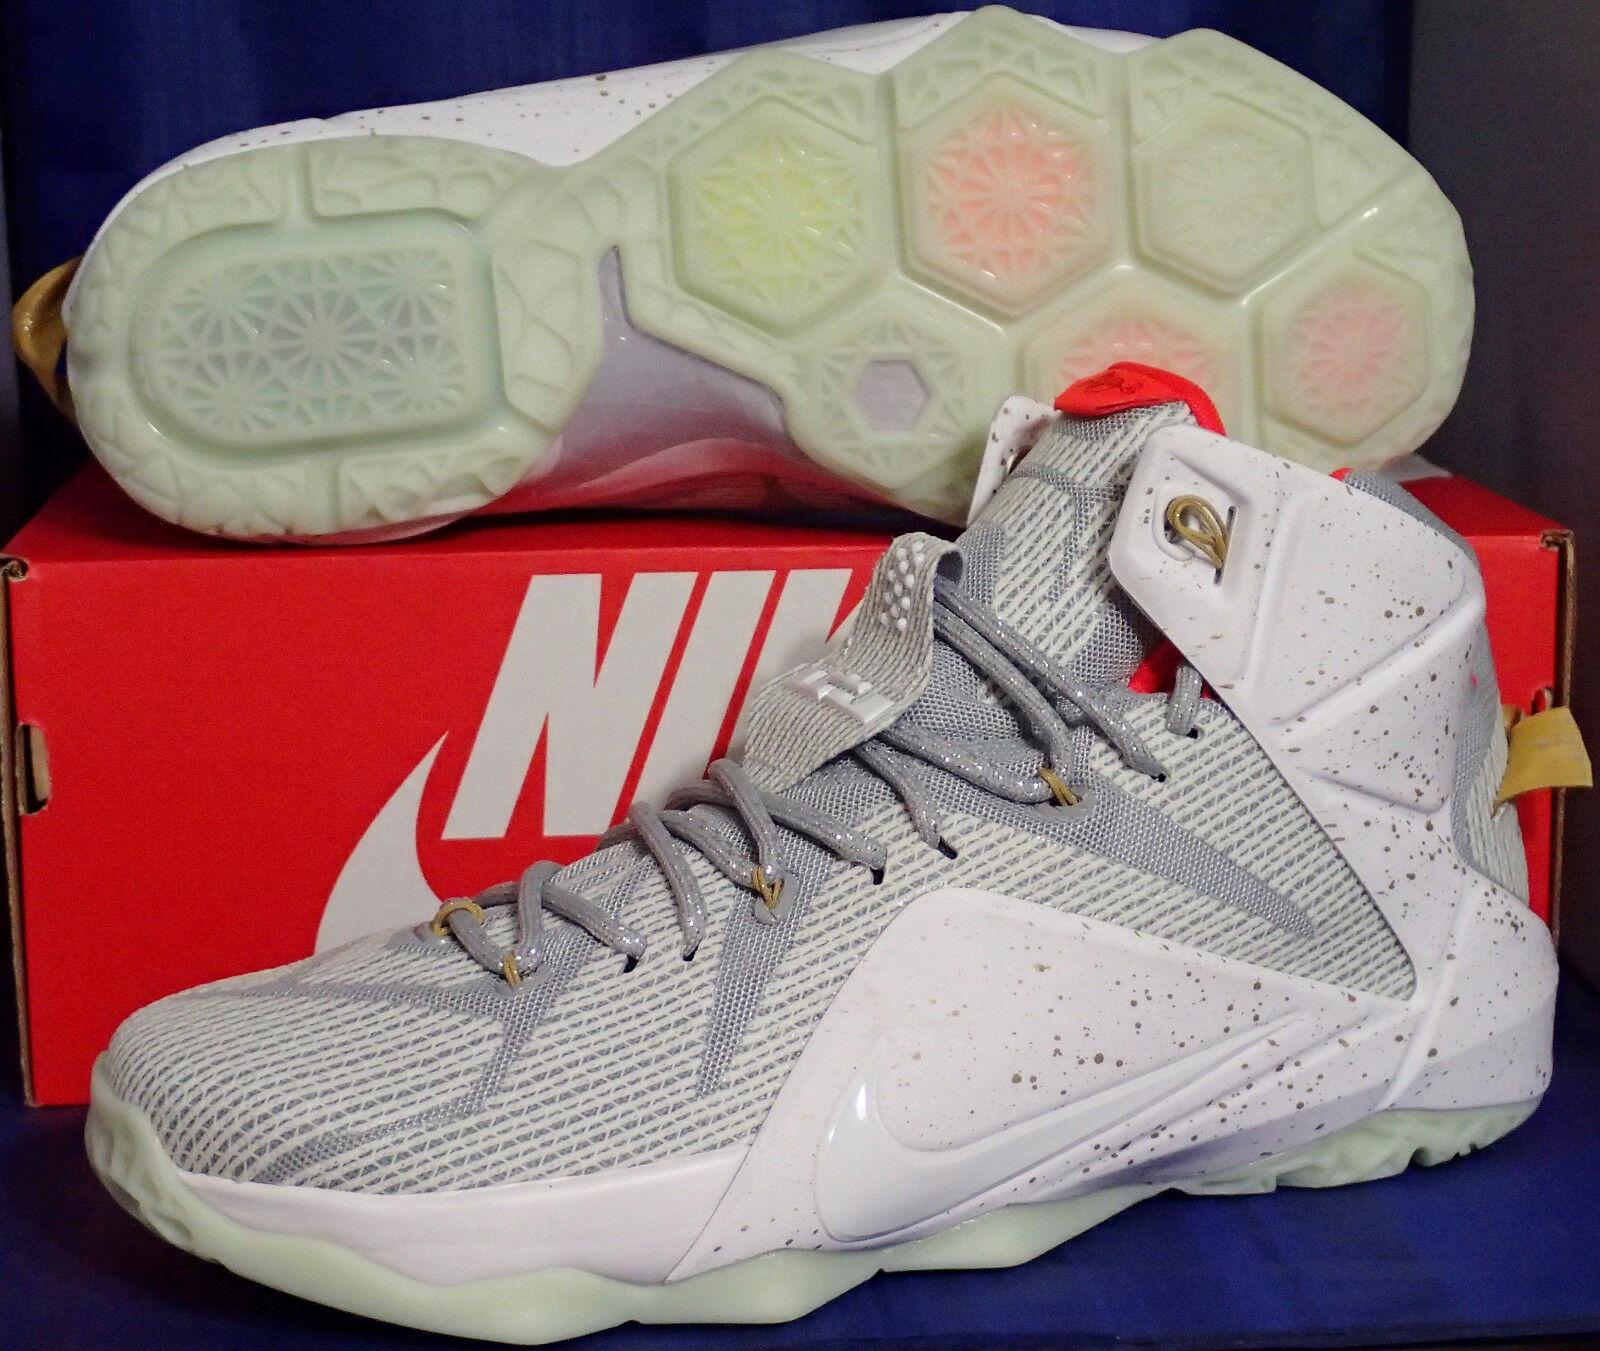 Nike Lebron XII 12 Identità Bianco argentoo Cremisi Brillante Taglia 10.5   Clienti In Primo Luogo    Gentiluomo/Signora Scarpa